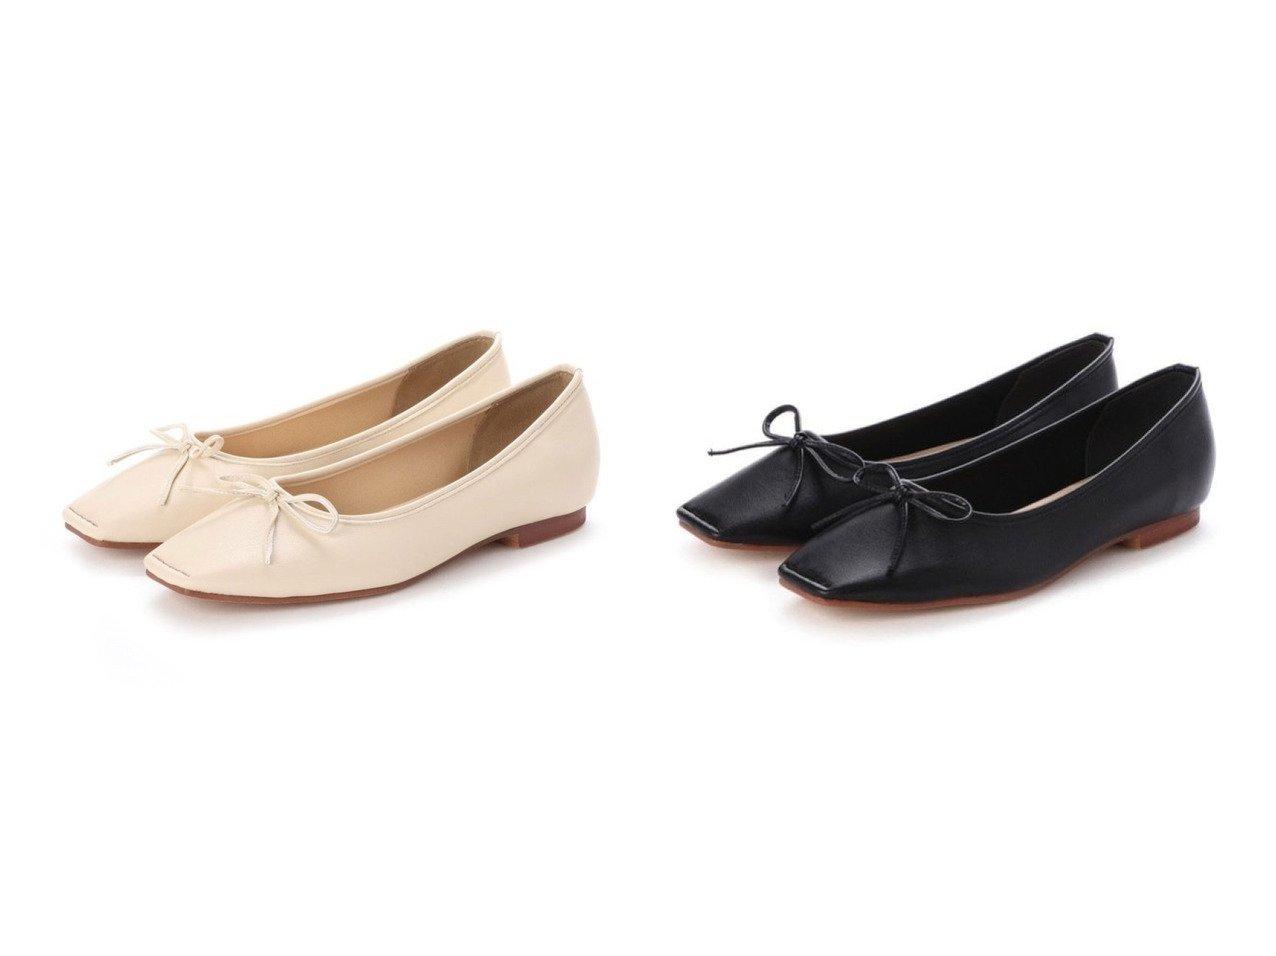 【EVOL/イーボル】のスクエアバレエパンプス 【シューズ・靴】おすすめ!人気、トレンド・レディースファッションの通販  おすすめで人気の流行・トレンド、ファッションの通販商品 メンズファッション・キッズファッション・インテリア・家具・レディースファッション・服の通販 founy(ファニー) https://founy.com/ ファッション Fashion レディースファッション WOMEN おすすめ Recommend シューズ スクエア バレエ |ID:crp329100000026273